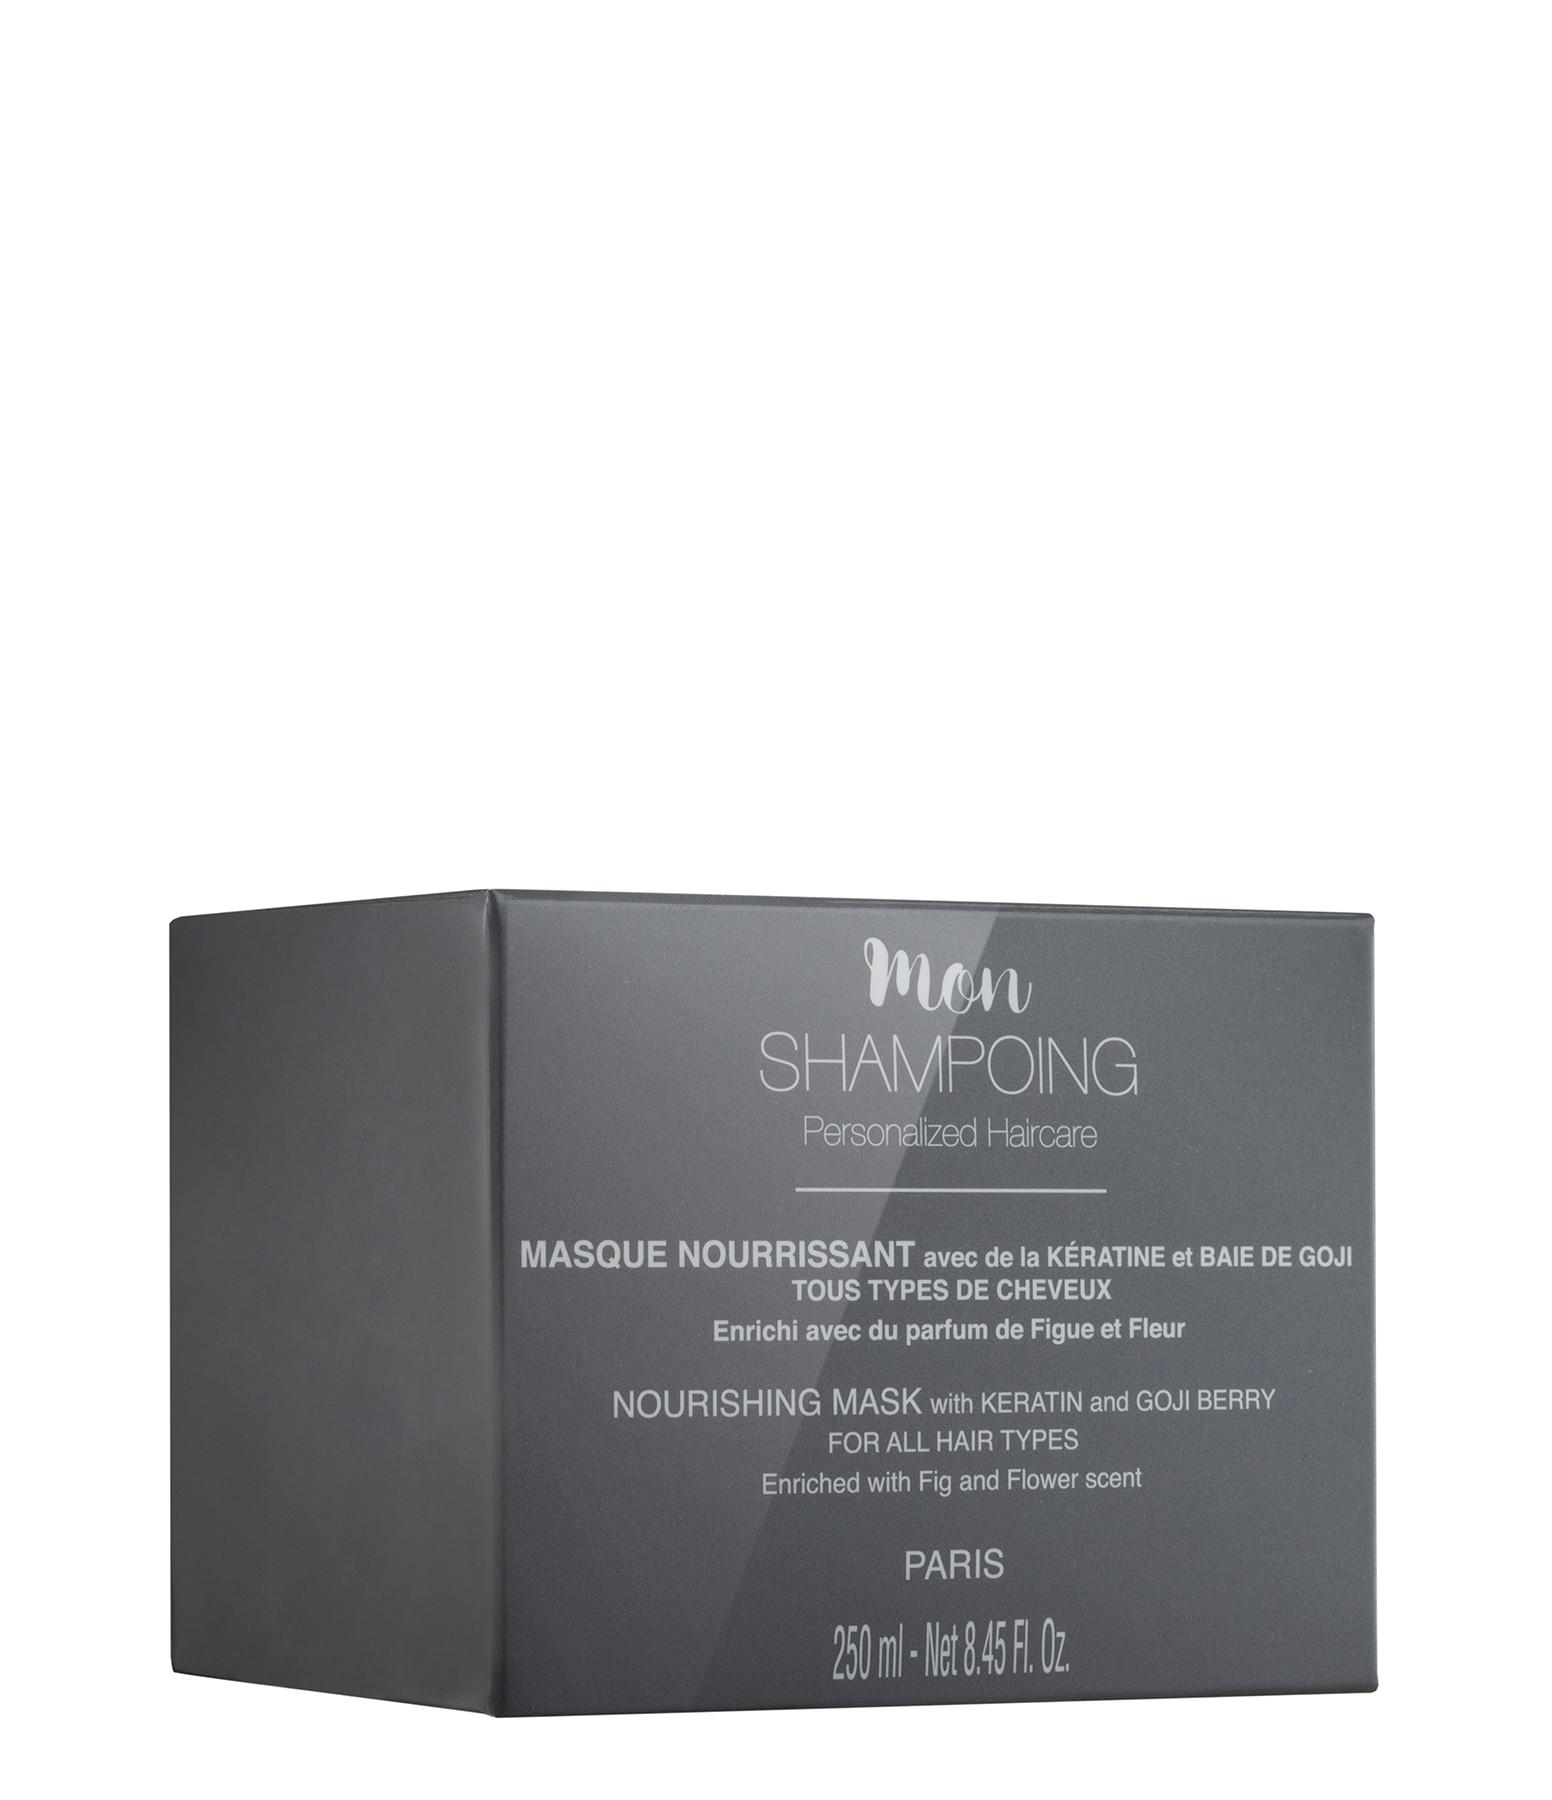 MON SHAMPOING - Masque Nourrissant Keratine Goji 250 ml